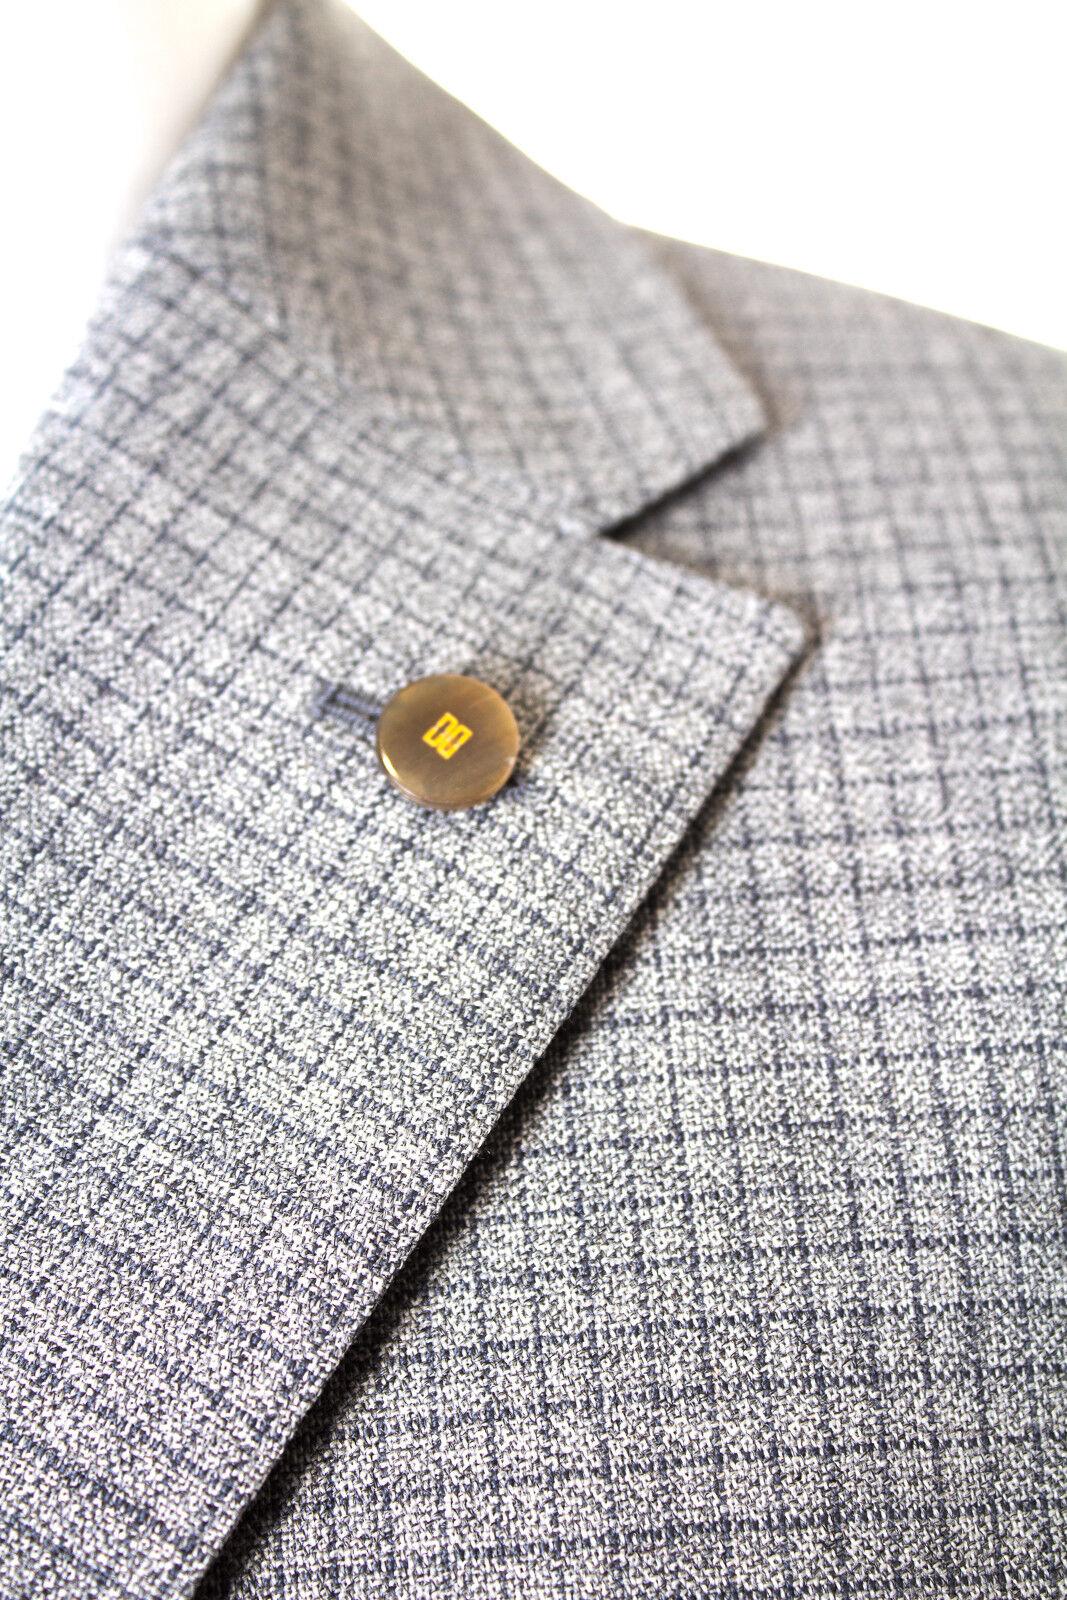 DAKS Sakko Sakko Sakko Wolle Herren Gr. 50 in Grau NEU     Shopping Online    Preisreduktion    Bekannt für seine gute Qualität  a0074b